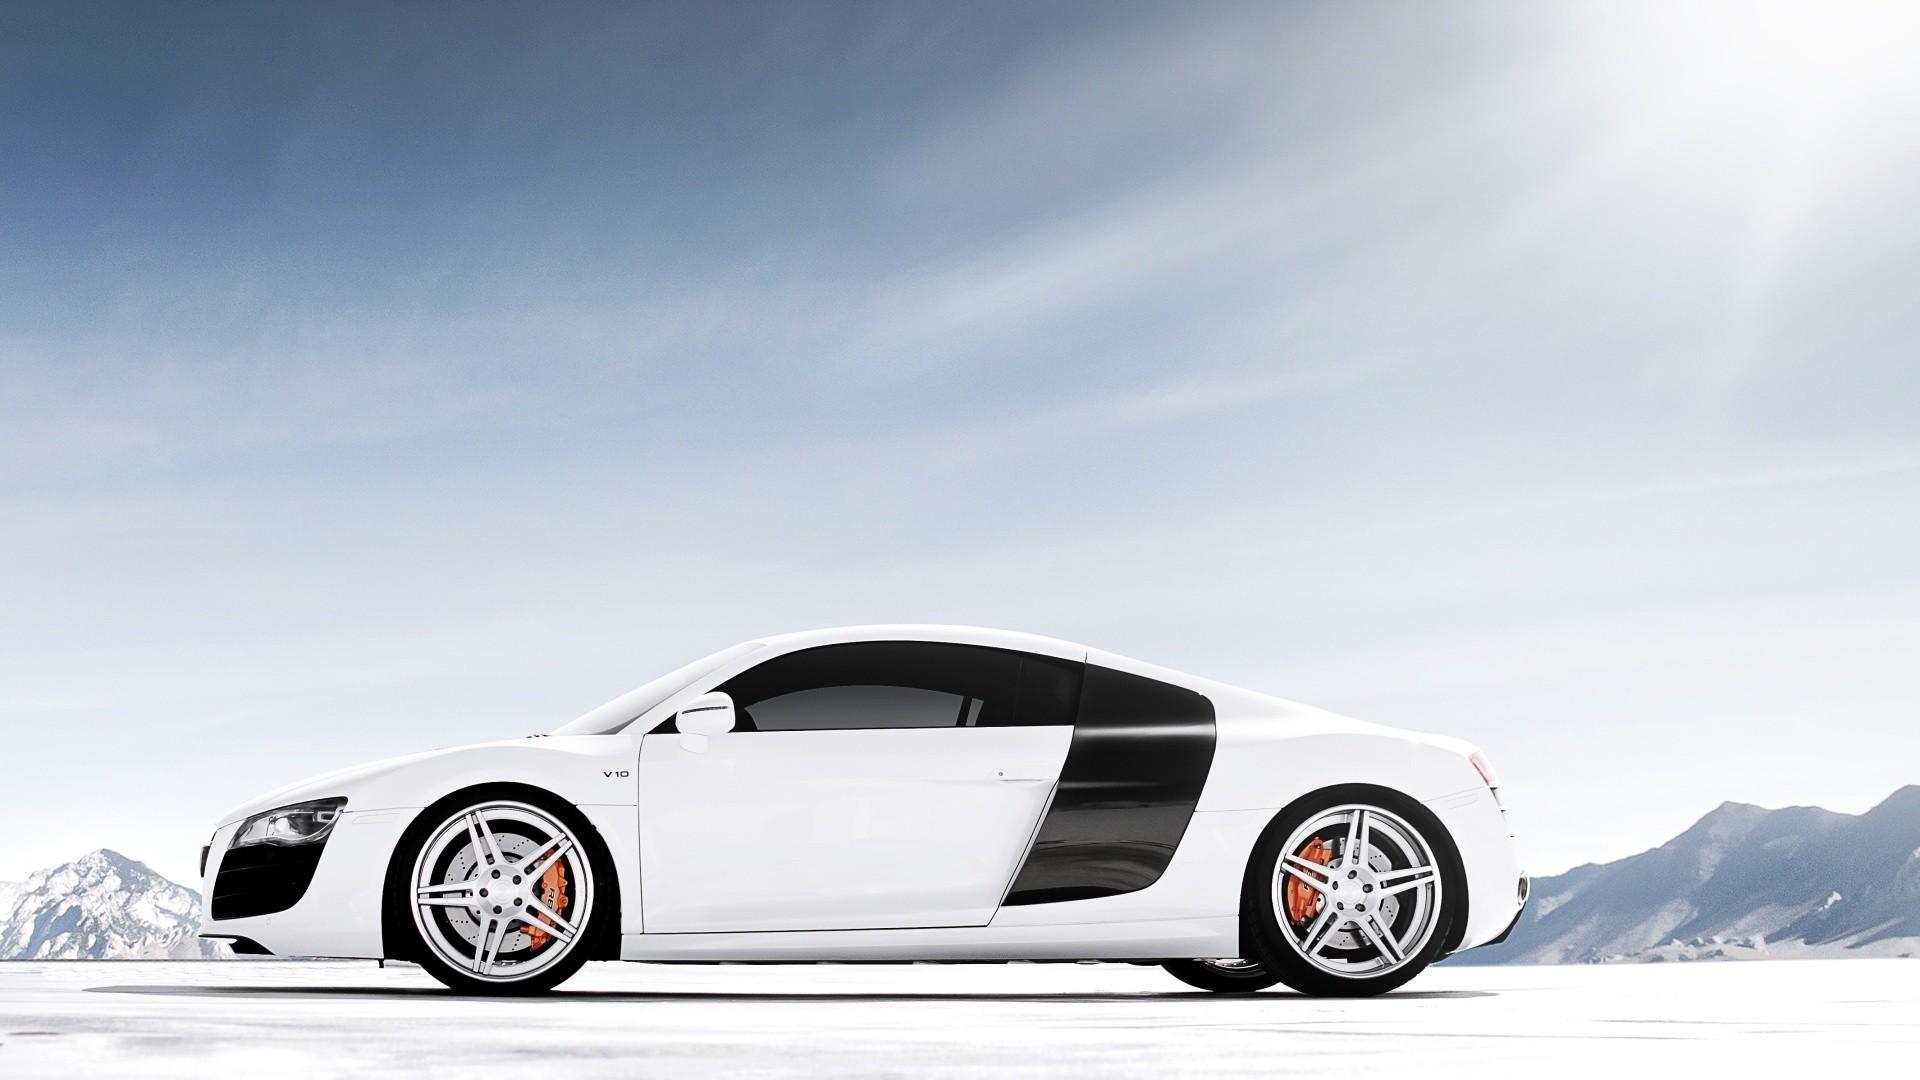 … Audi R8 Wallpaper #14